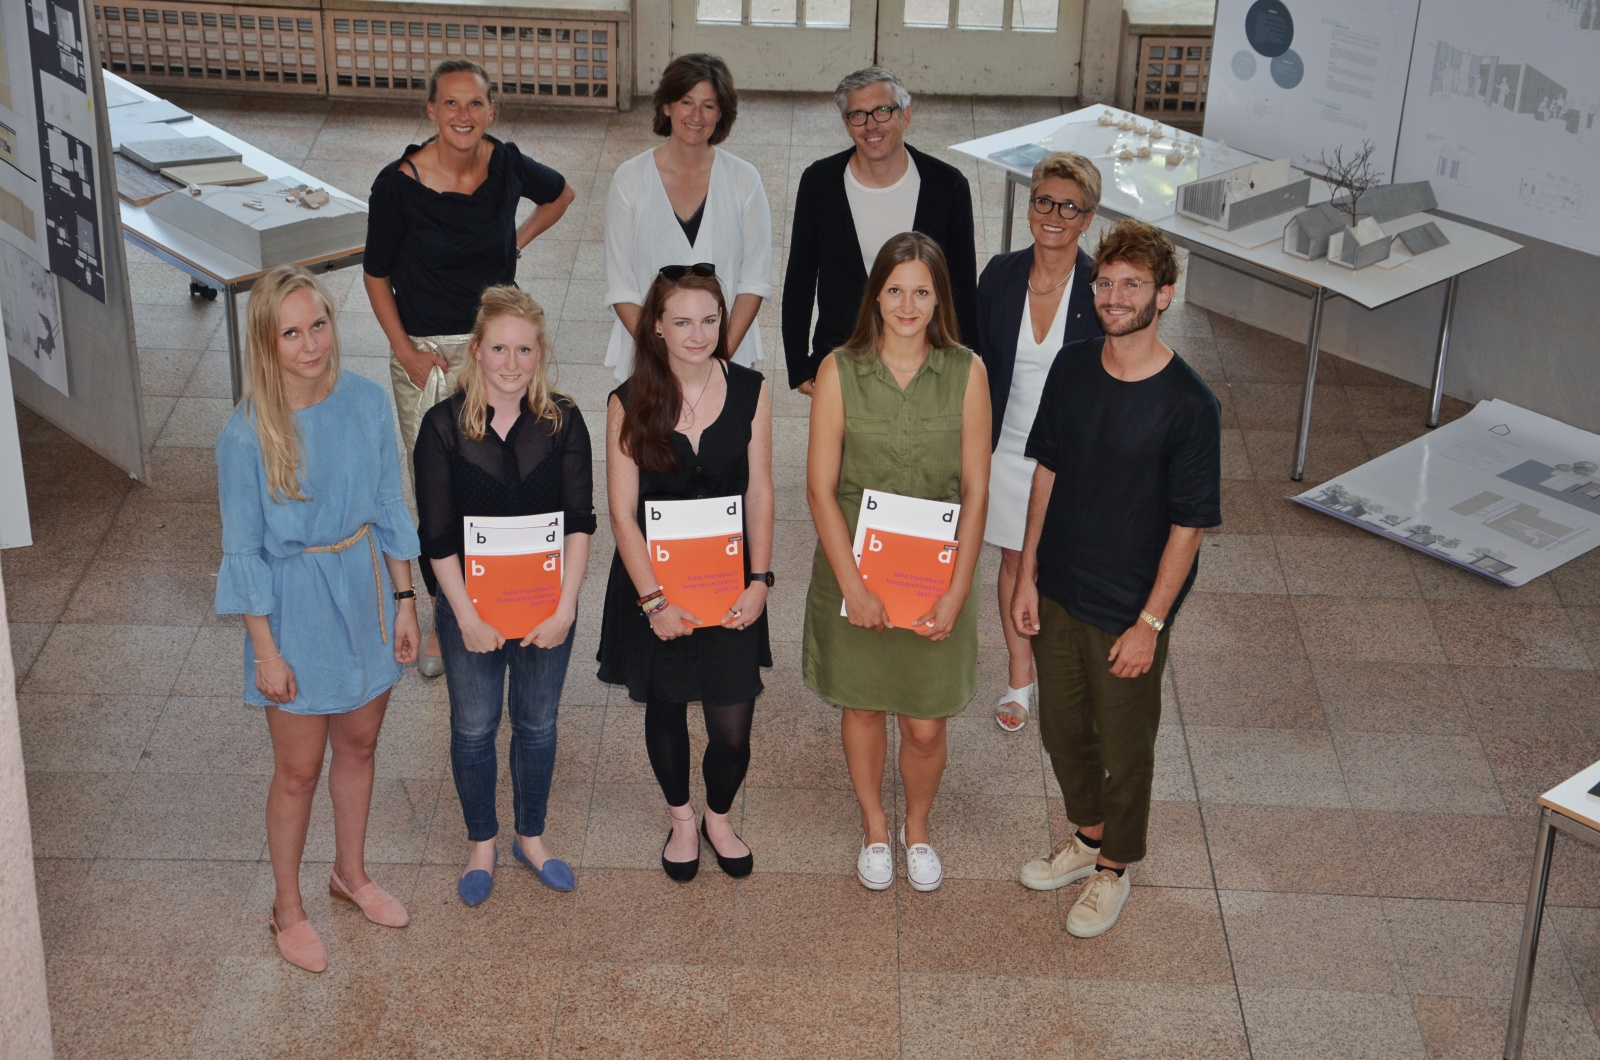 Bdiaausgezeichnet 2017 an der hochschule rosenheim bund for Innenarchitektur fh rosenheim